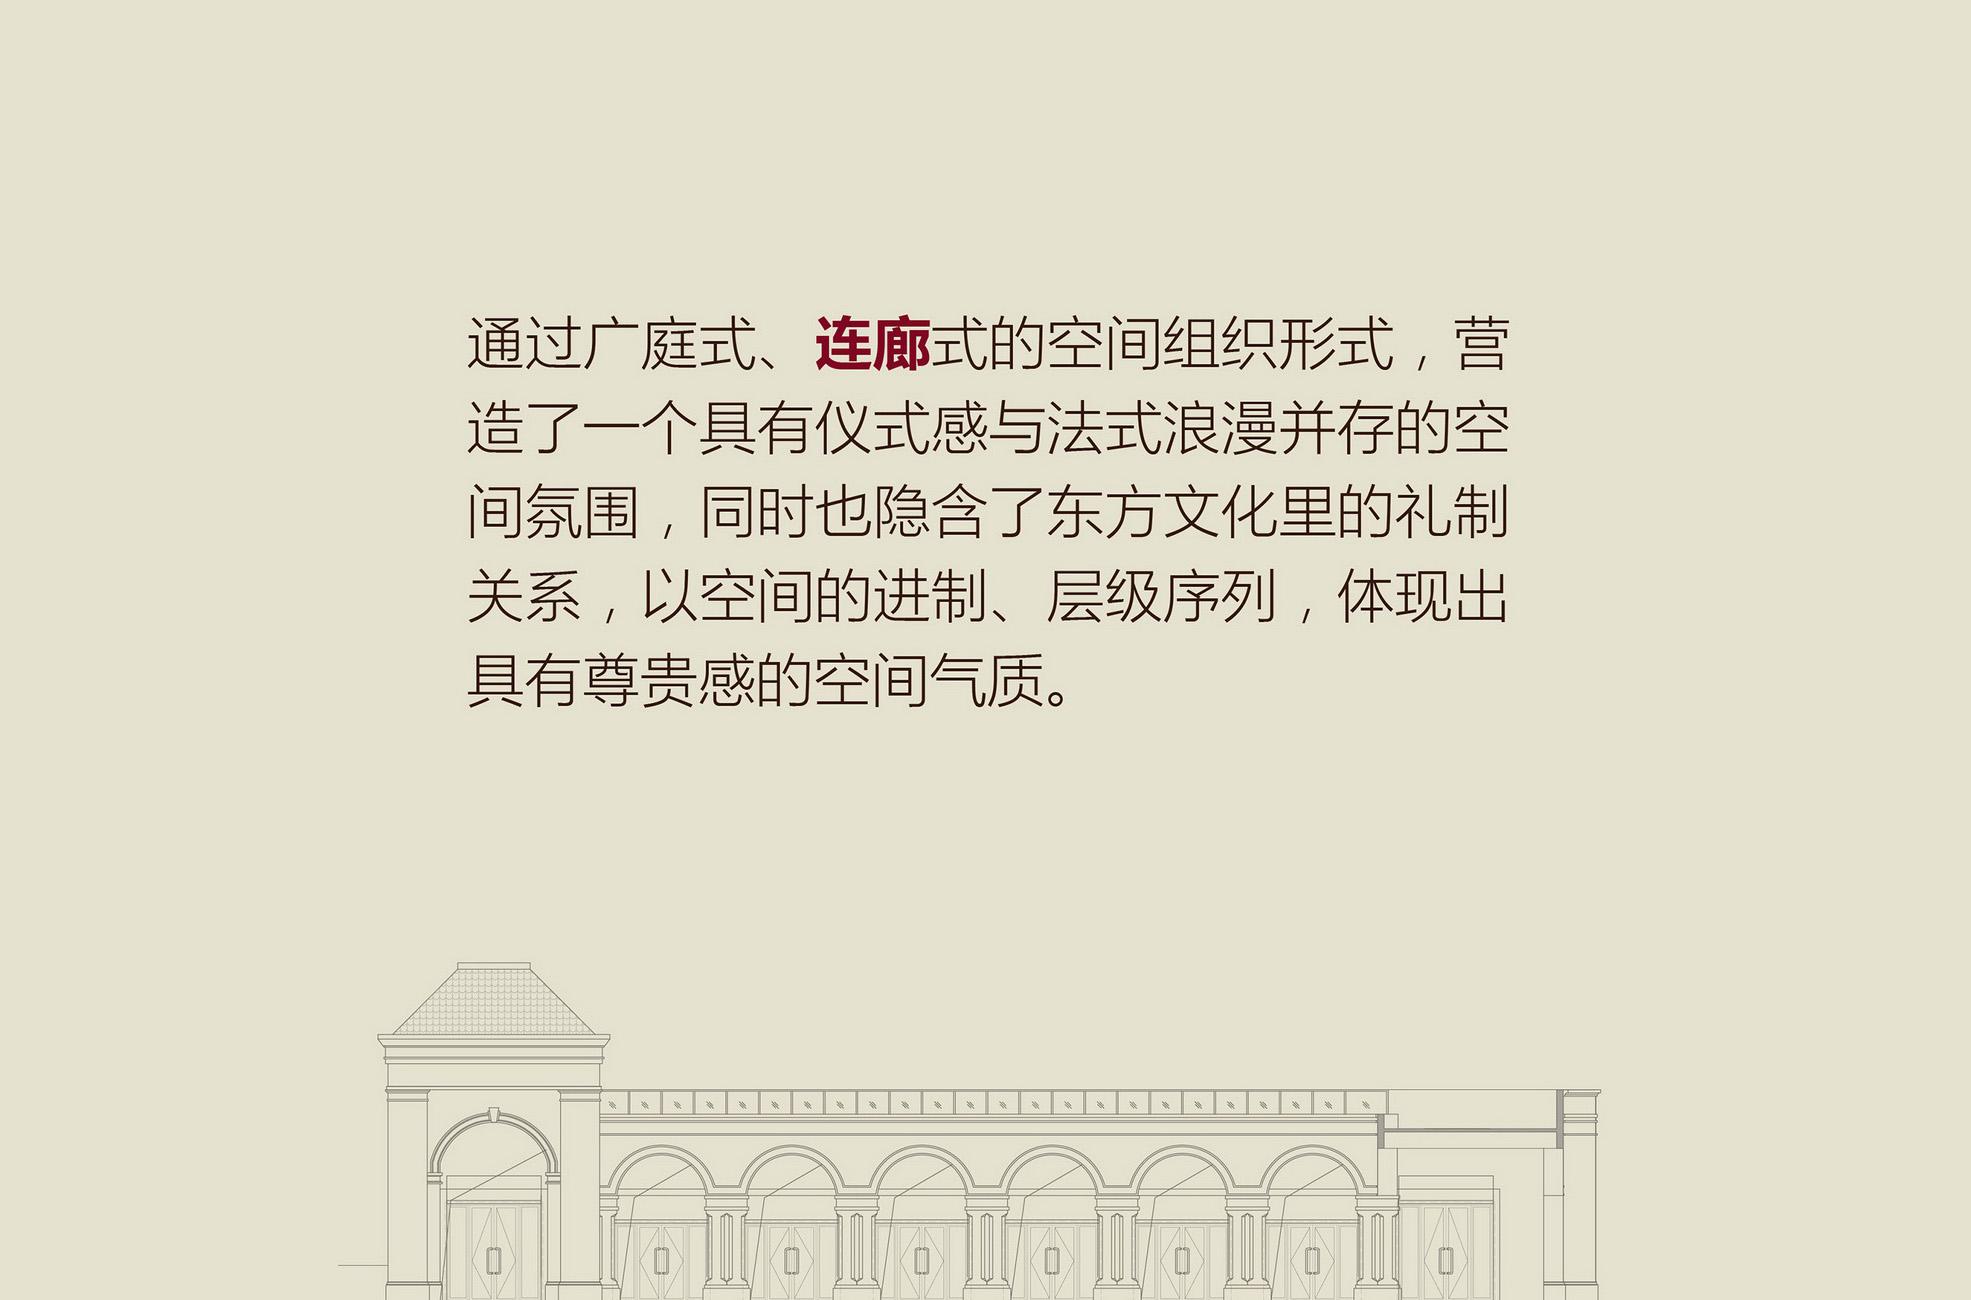 长沙 旭辉恒高紫荆(湖山赋)-微信_19_调整大小_调整大小.jpg